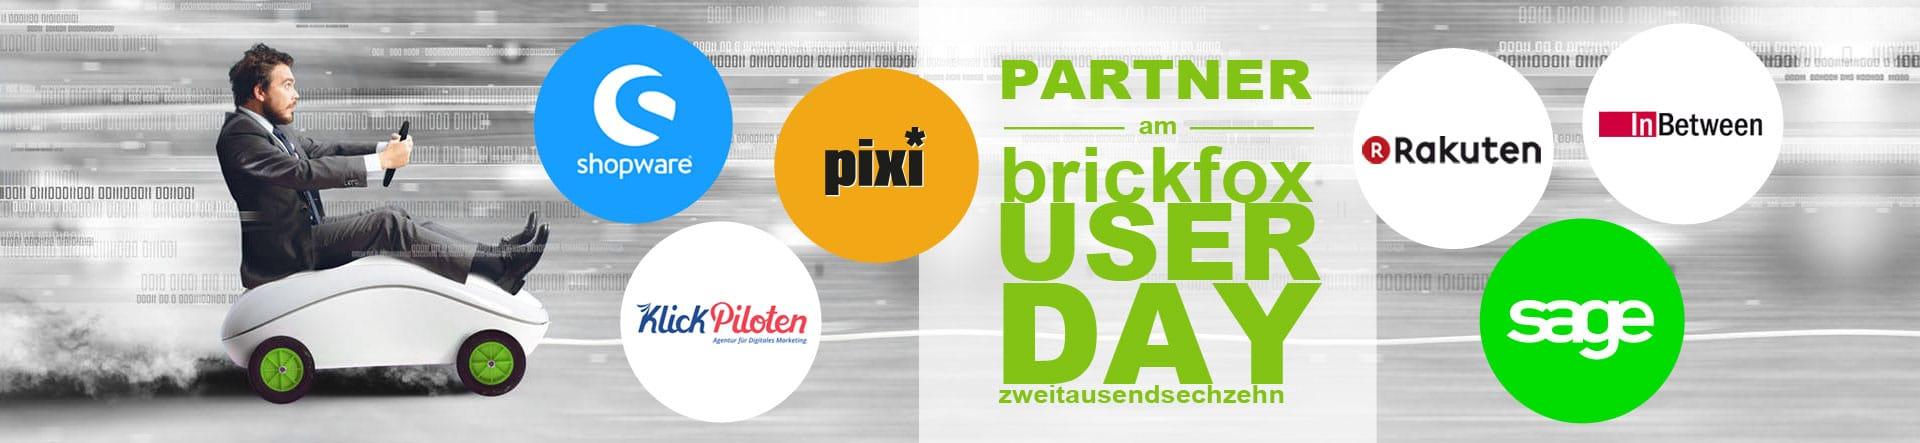 Slider-brickfox-USER-DAY-2016-Partner-04